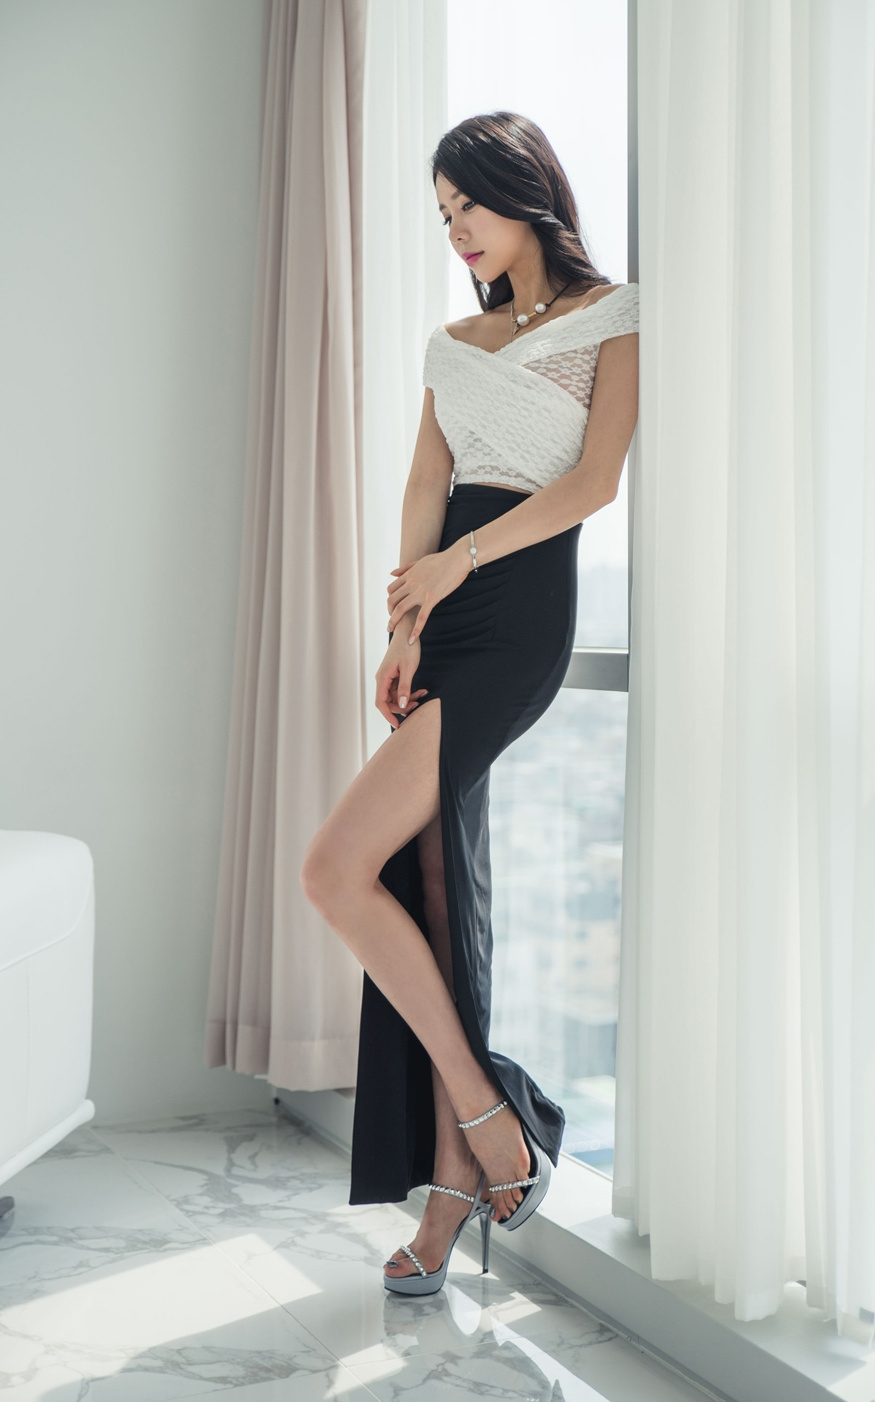 高跟美腿美女,逆天大长腿